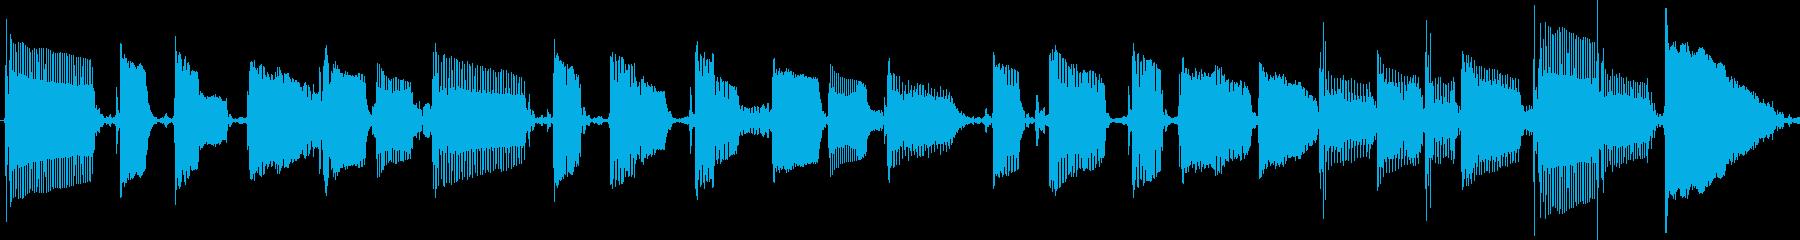 ファンキーなスラップベース素材の再生済みの波形